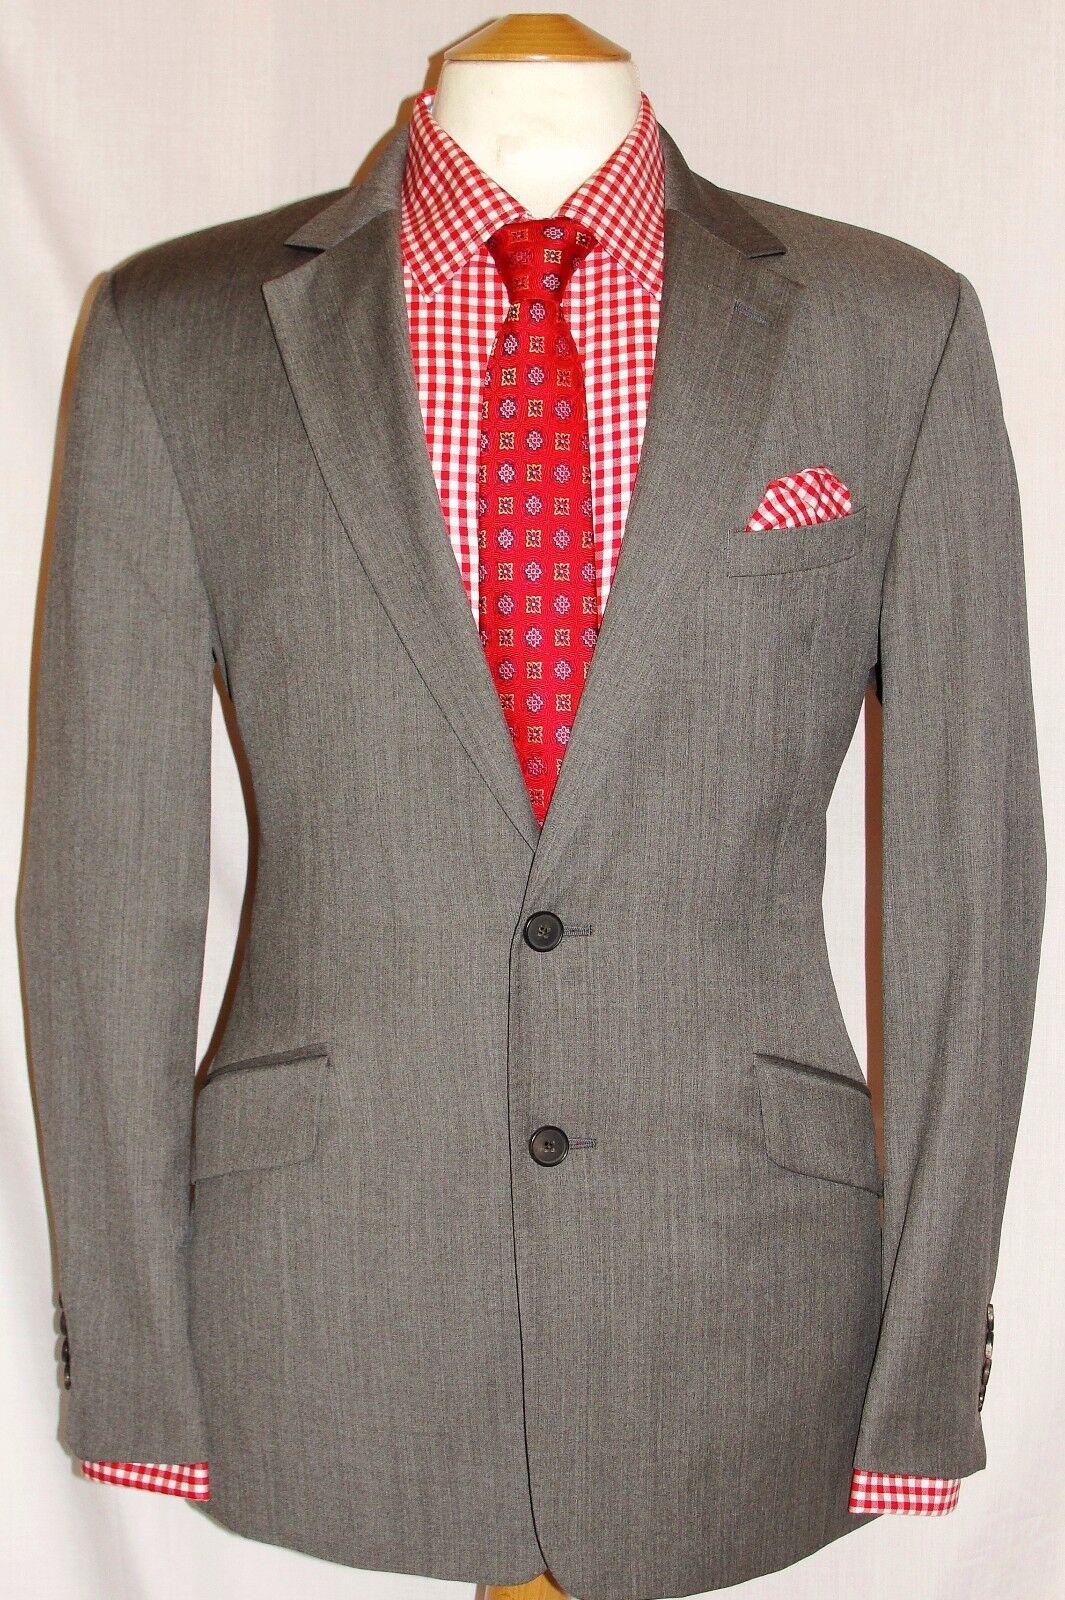 59d28d56a REISS LONDON GREY DESIGNER SUIT R XL30 MEN'S W36 nyktes6397-Suits ...